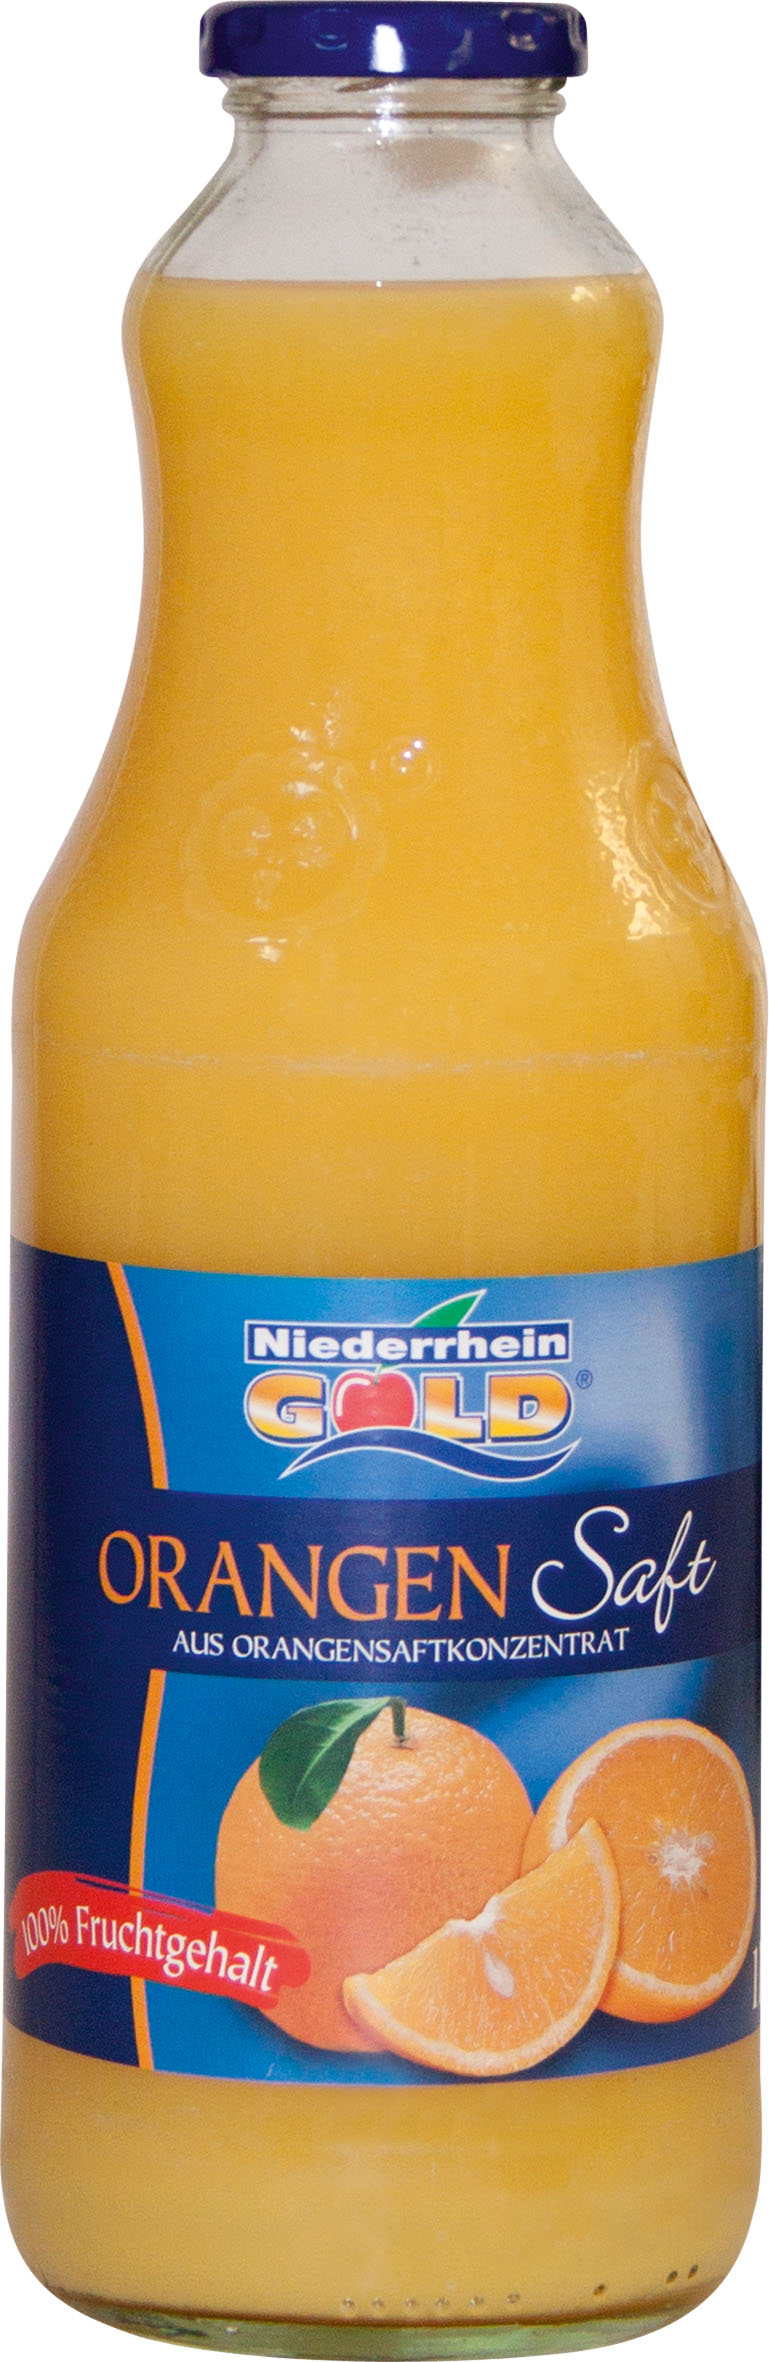 Niederrhein-Gold Orangensaft